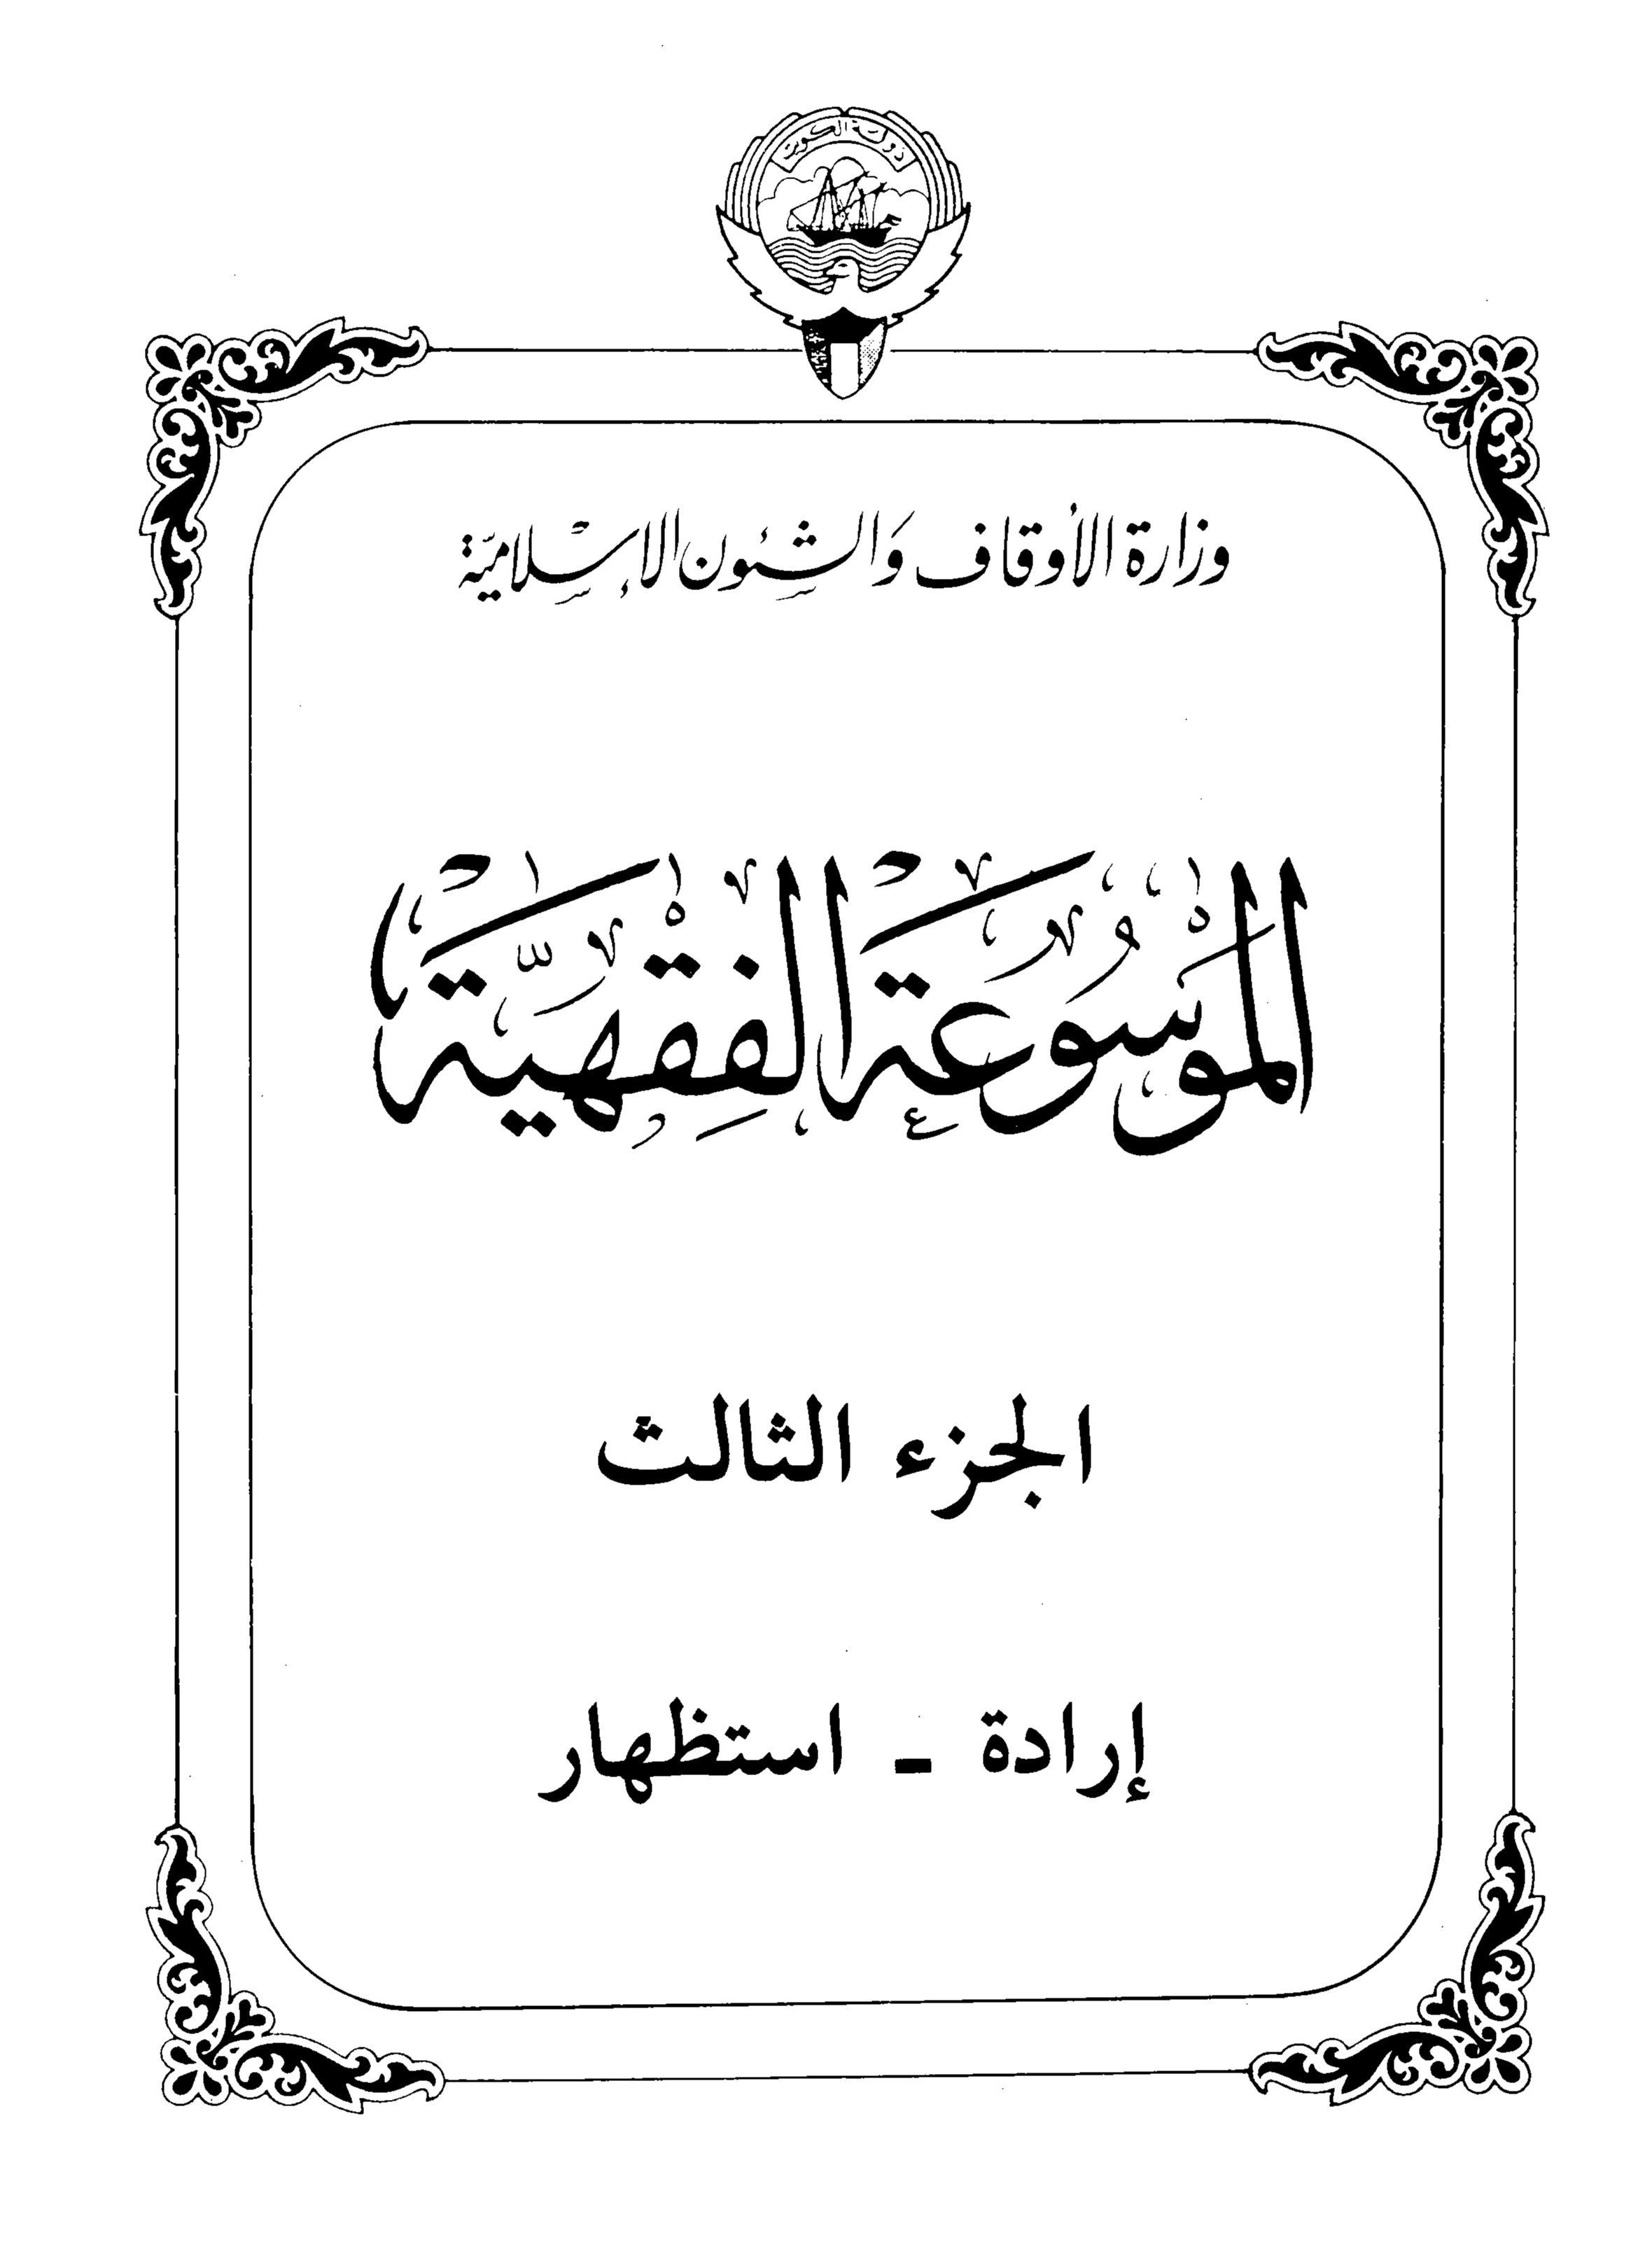 الموسوعة الفقهية الكويتية الجزء الثالث (إرادة - استظهار)